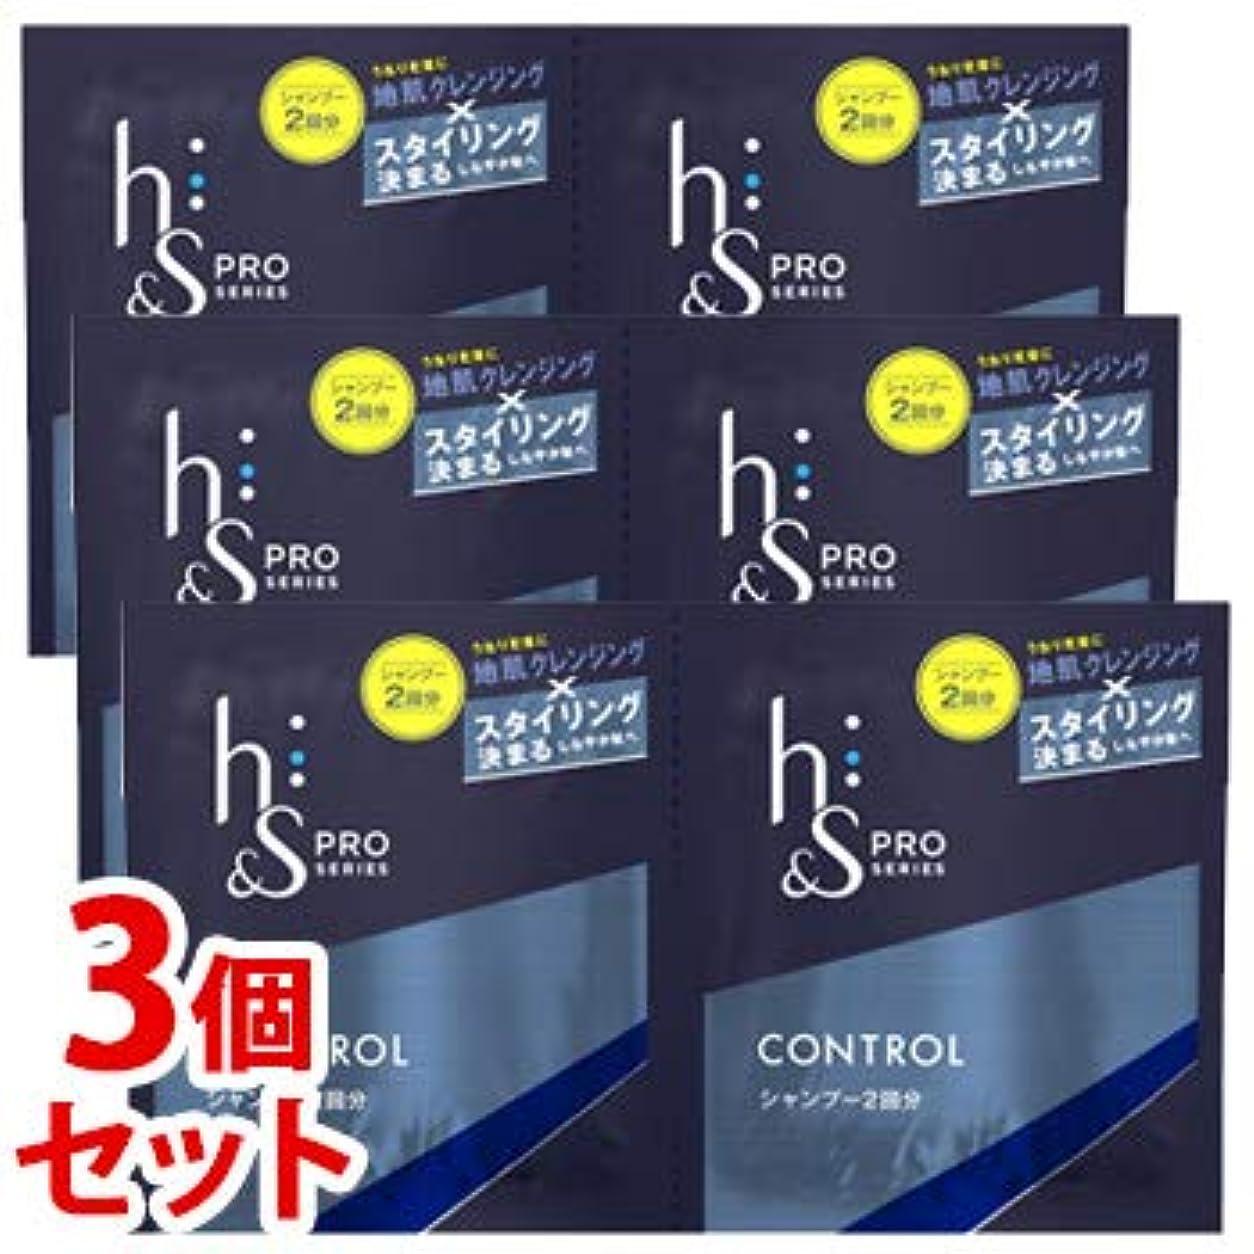 欲求不満機密似ている《セット販売》 P&G エイチアンドエス h&s フォーメン プロシリーズ コントロール シャンプー トライアルサシェ 2回分 (12mL×2個)×3個セット 【医薬部外品】